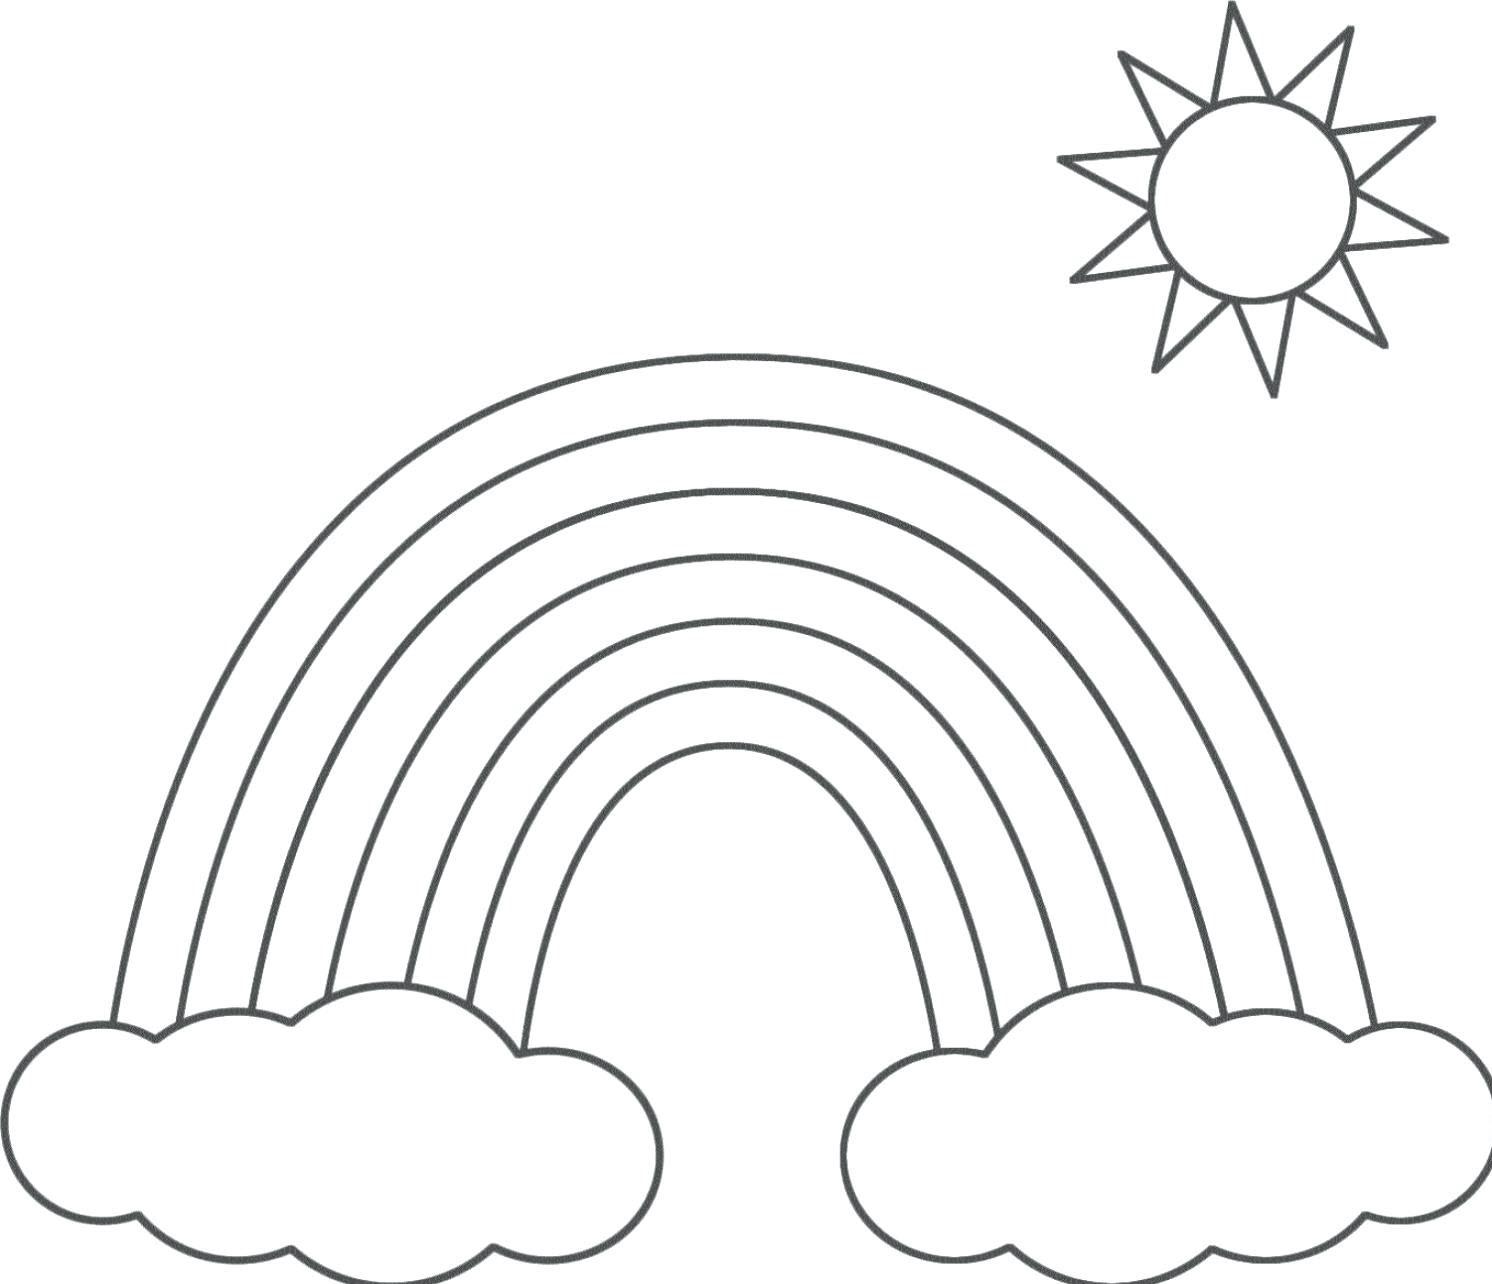 Tranh tô màu cầu vồng bầu trời đẹp